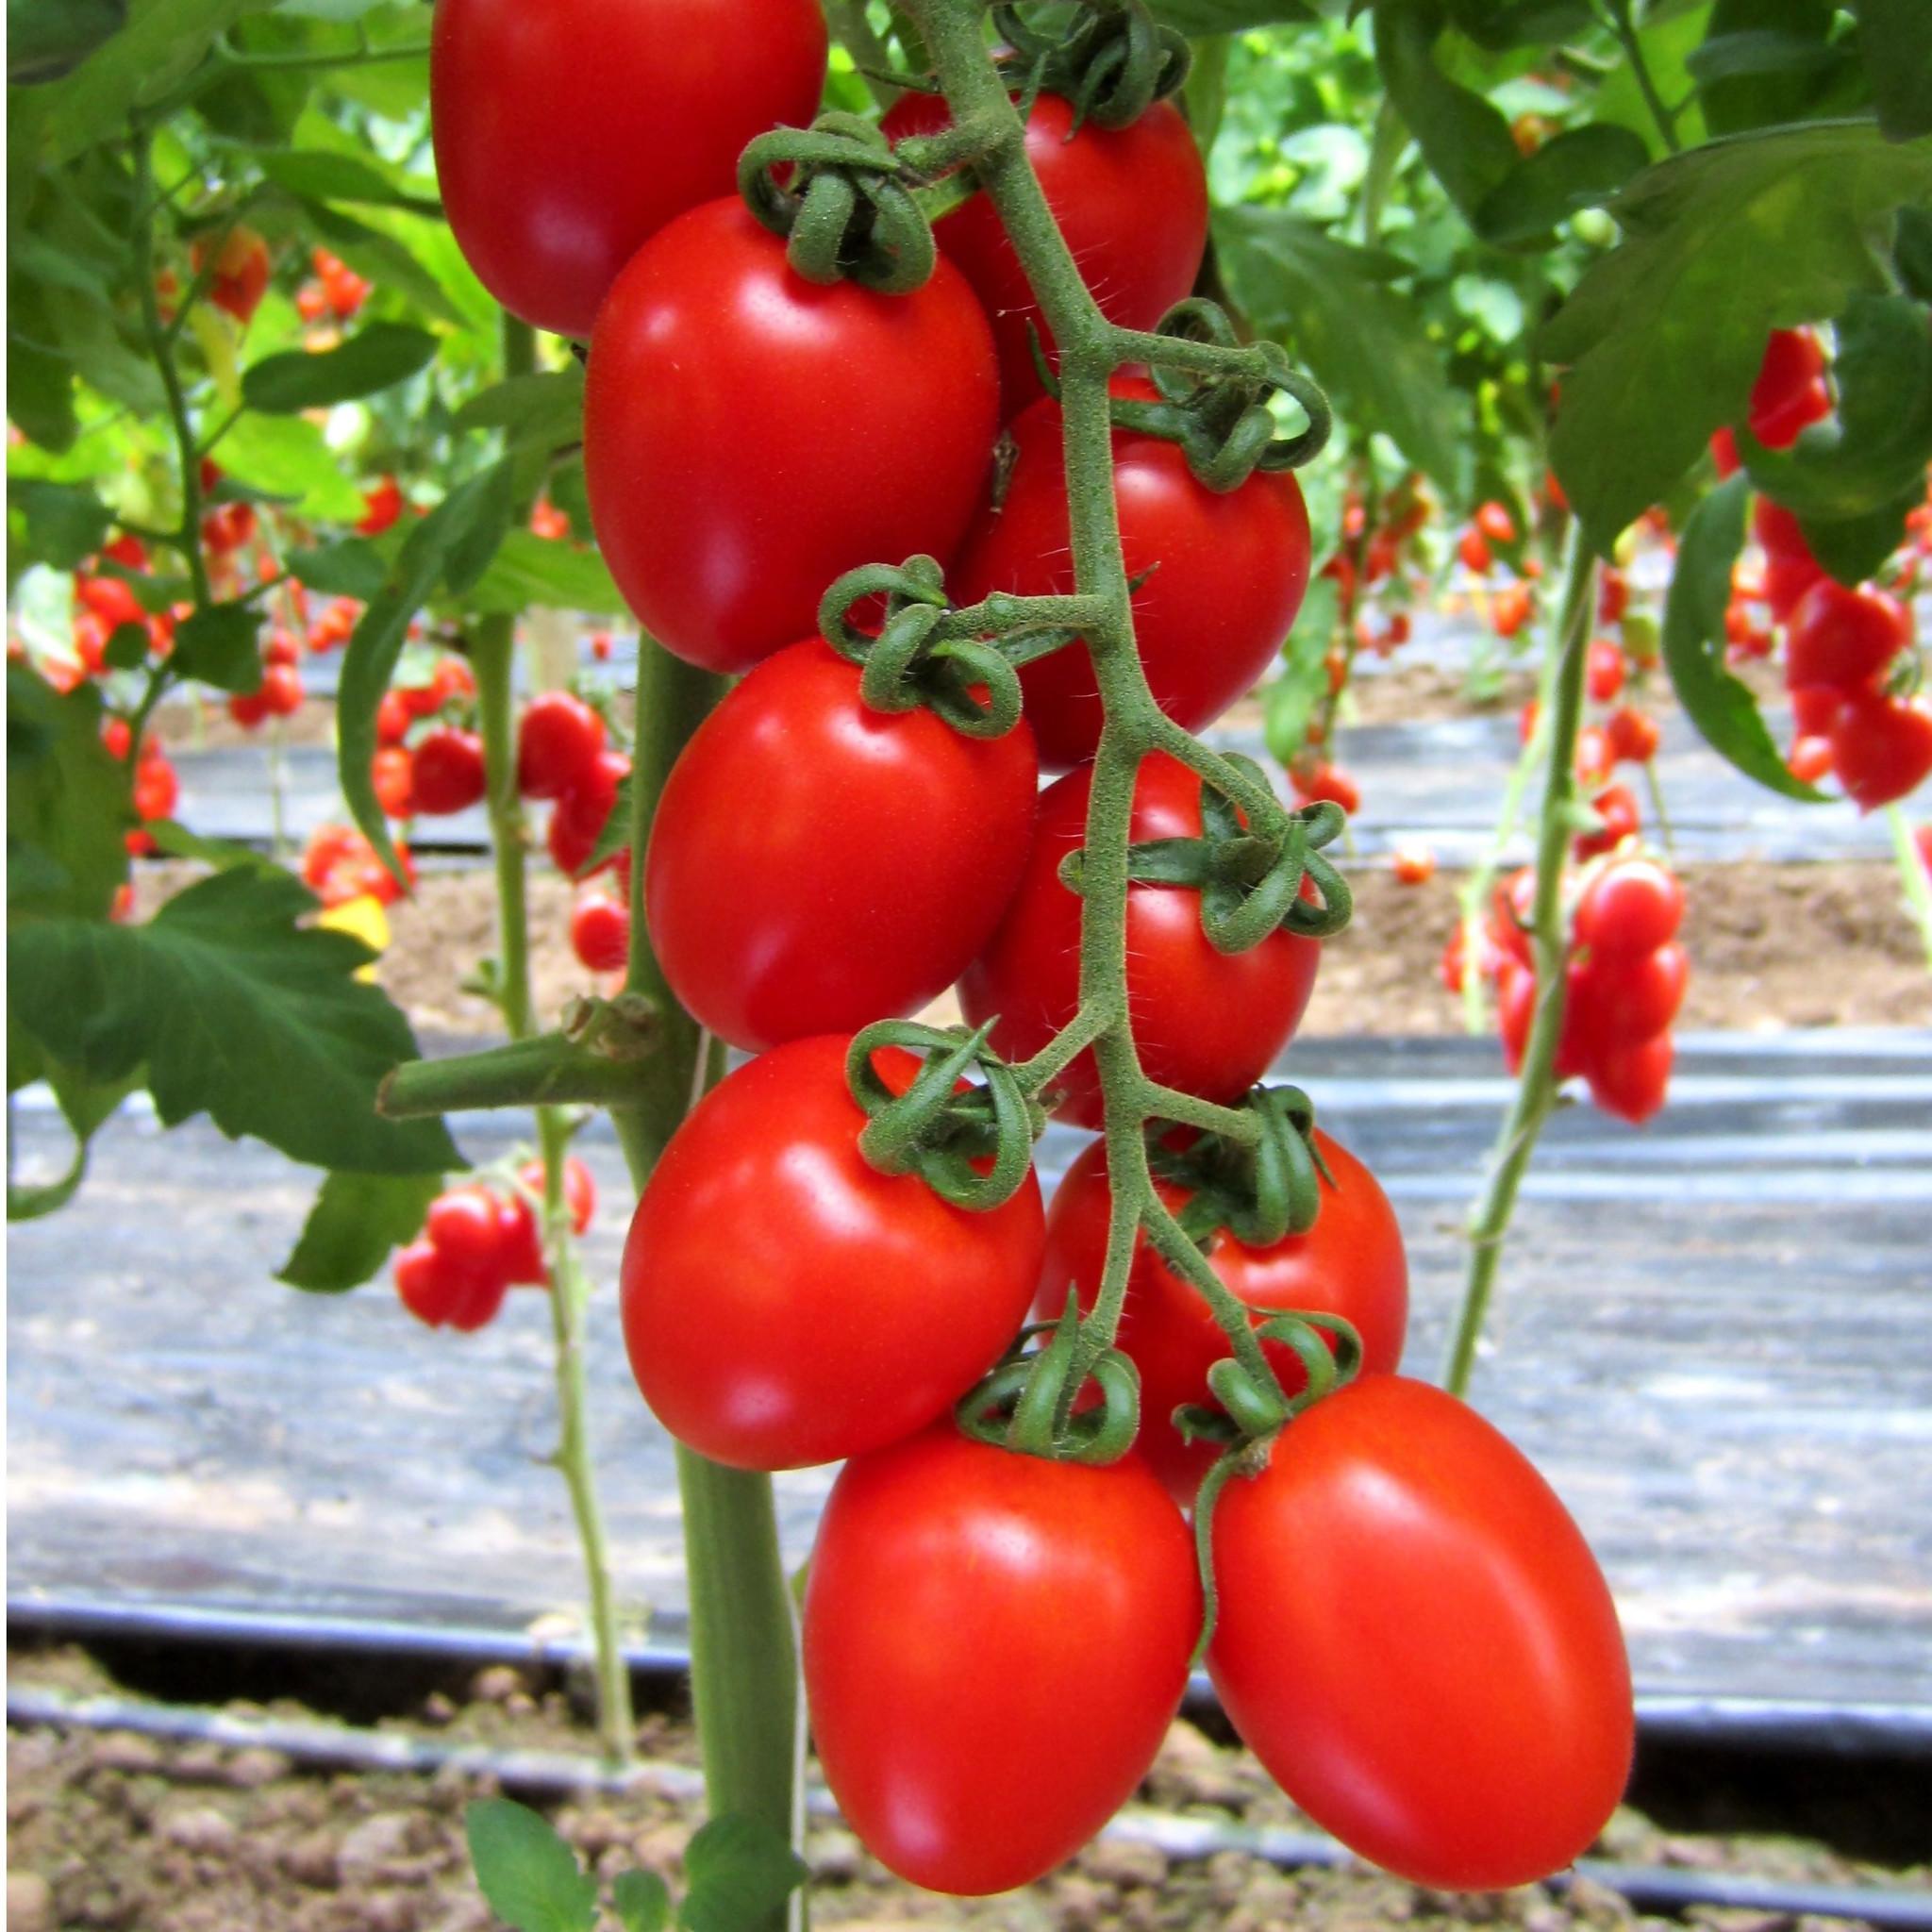 Описание и нюансы выращивания томата сэр элиан f1 — излагаем по пунктам